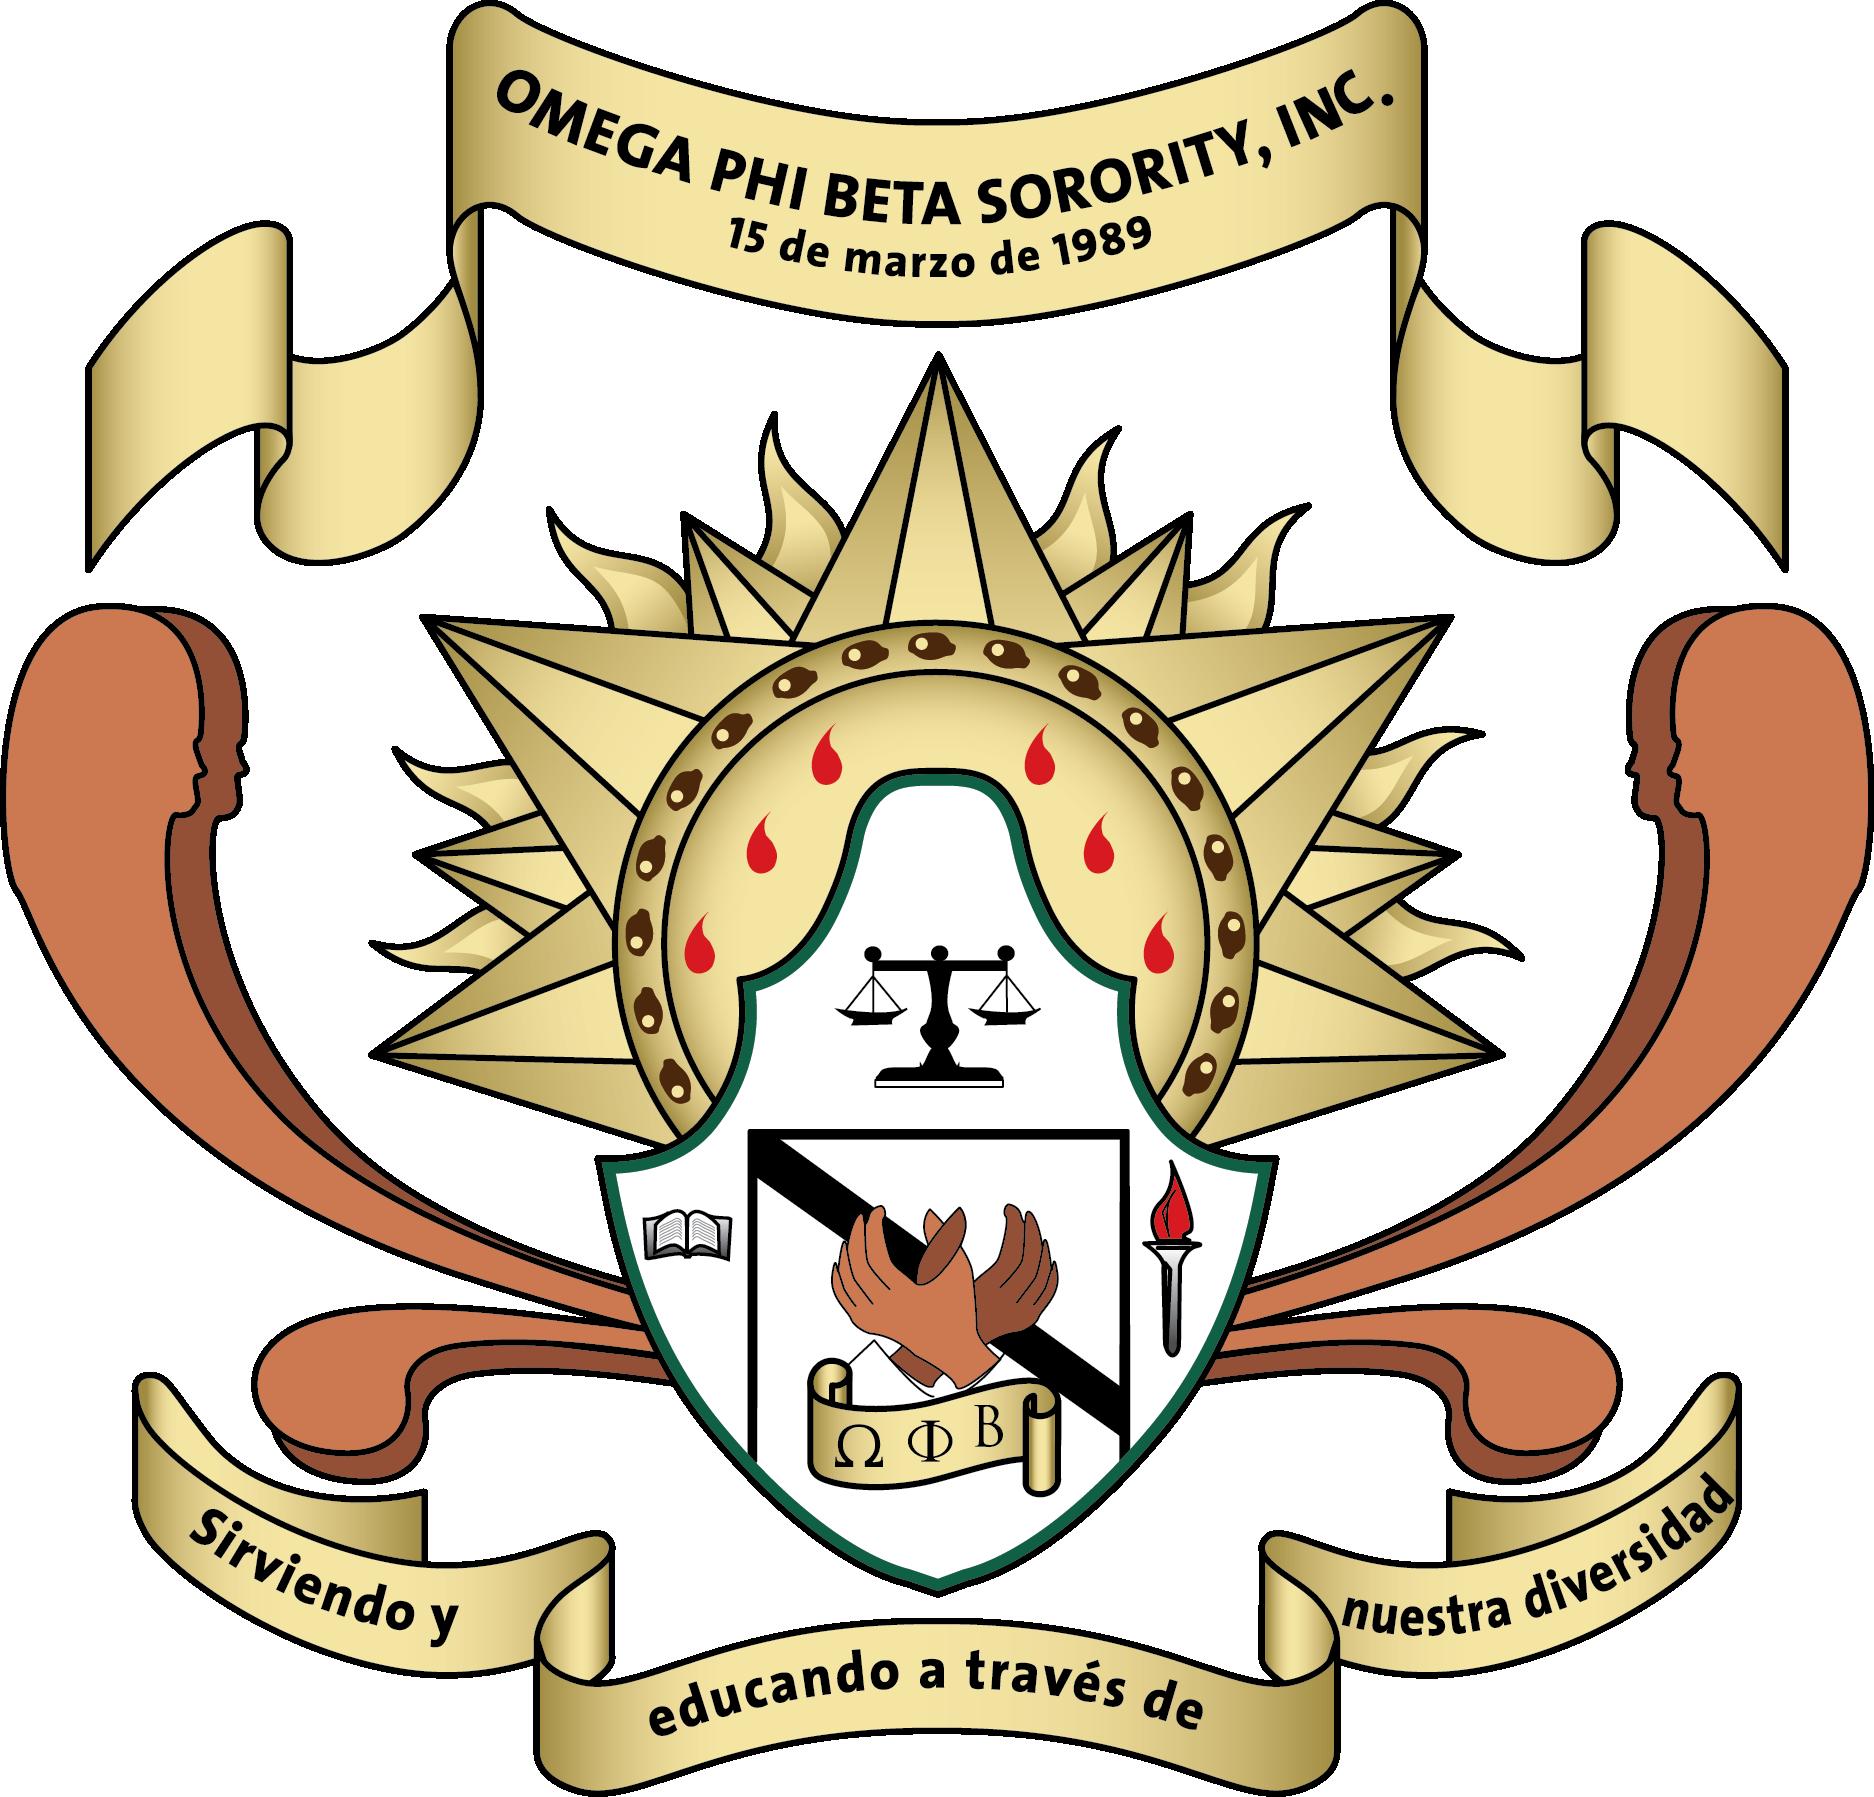 Opbsi crest image highres